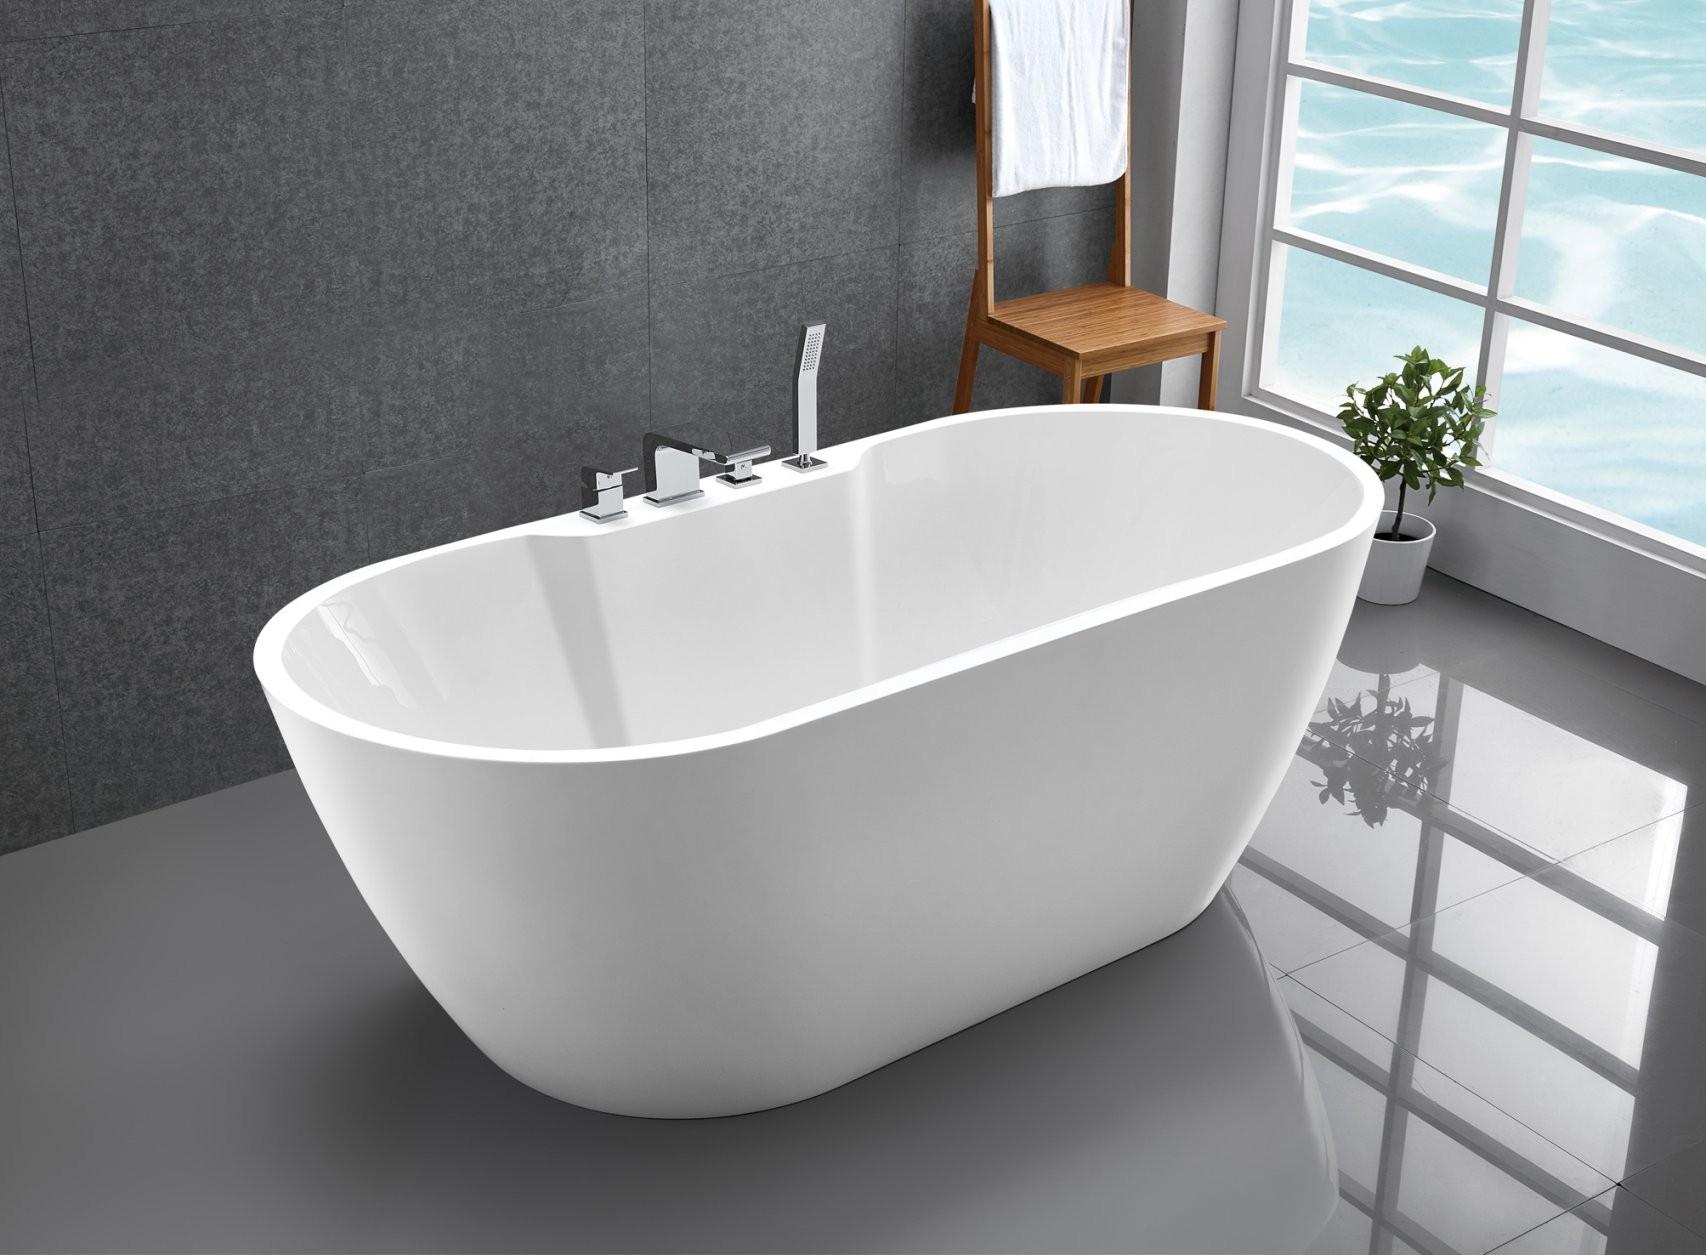 Freistehende Badewanne Standbadewanne Acryl Jazz Plus Weiß 170 X 80 von Badewanne Freistehend Preis Bild